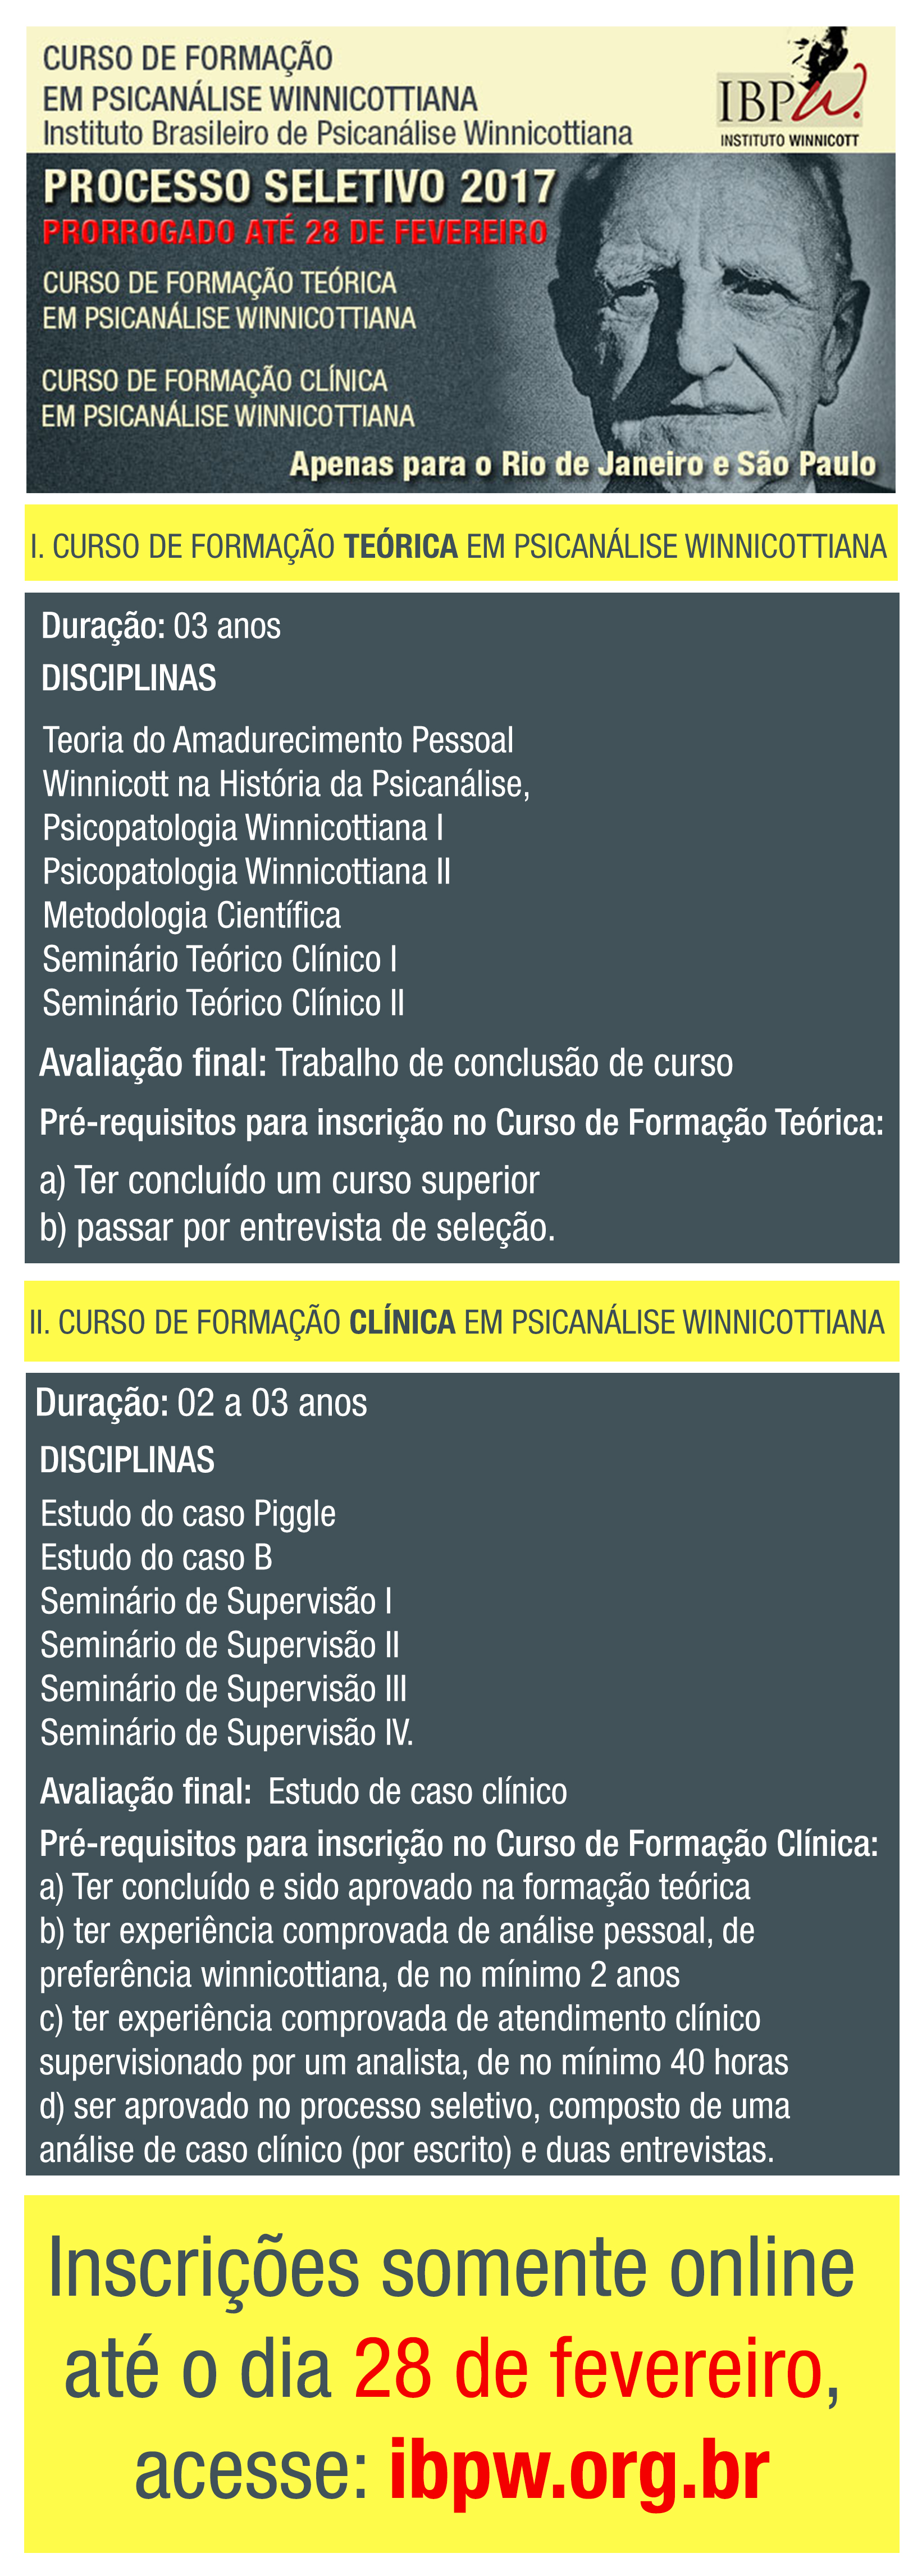 CURSO DE FORMAÇÃO TEÓRICA EM PSICANÁLISE WINNICOTTIANA